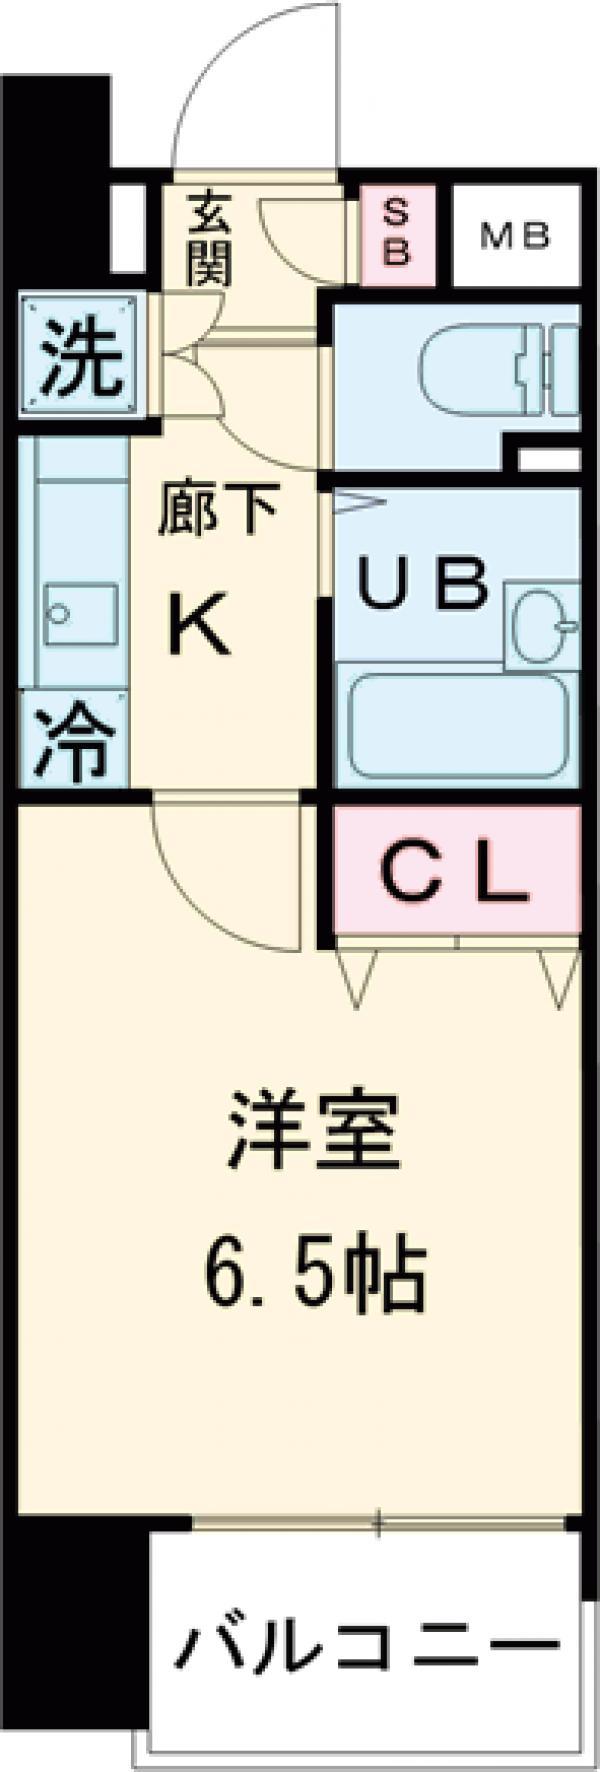 プレール高円寺・703号室の間取り